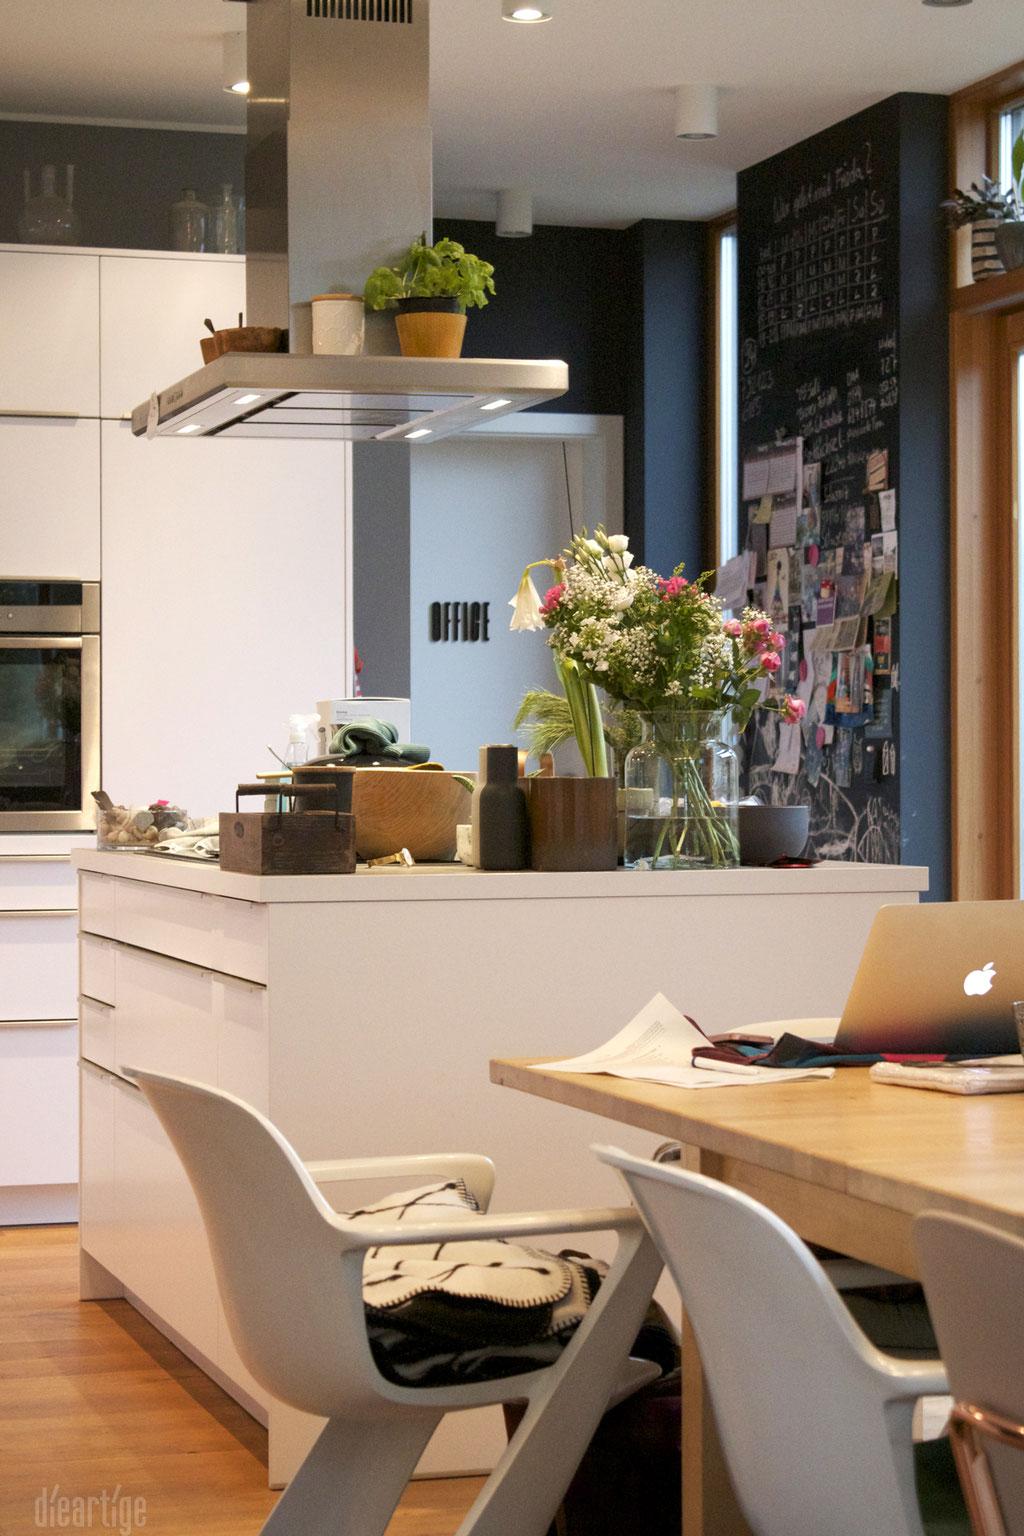 dieartigeBLOG - Fotoshooting von der Couch für Grohe Blue // Küche, alles beiseite & aus dem Bild geräumt